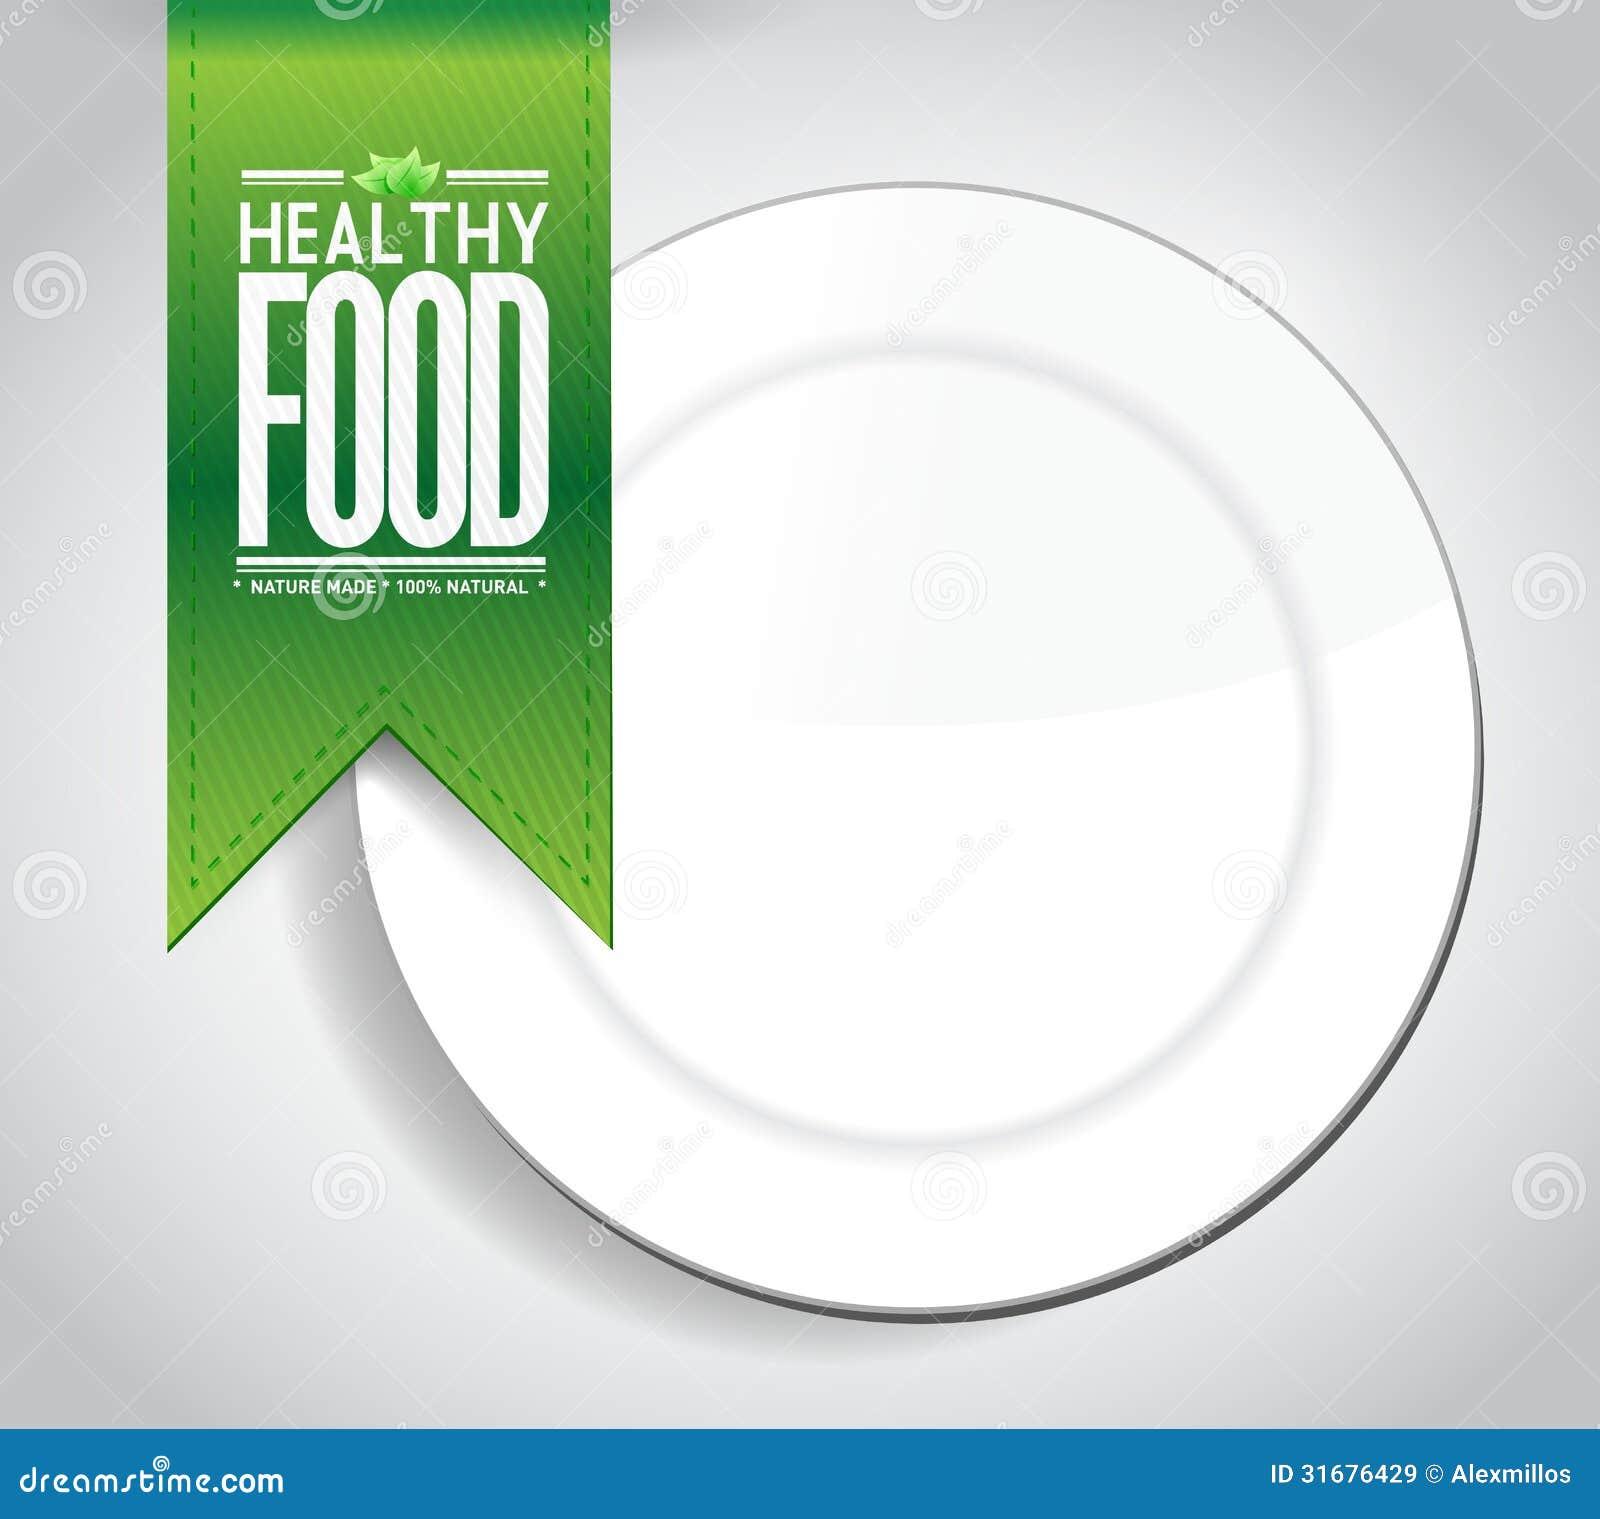 Healthy Food Banner Concept Illustration Design Royalty